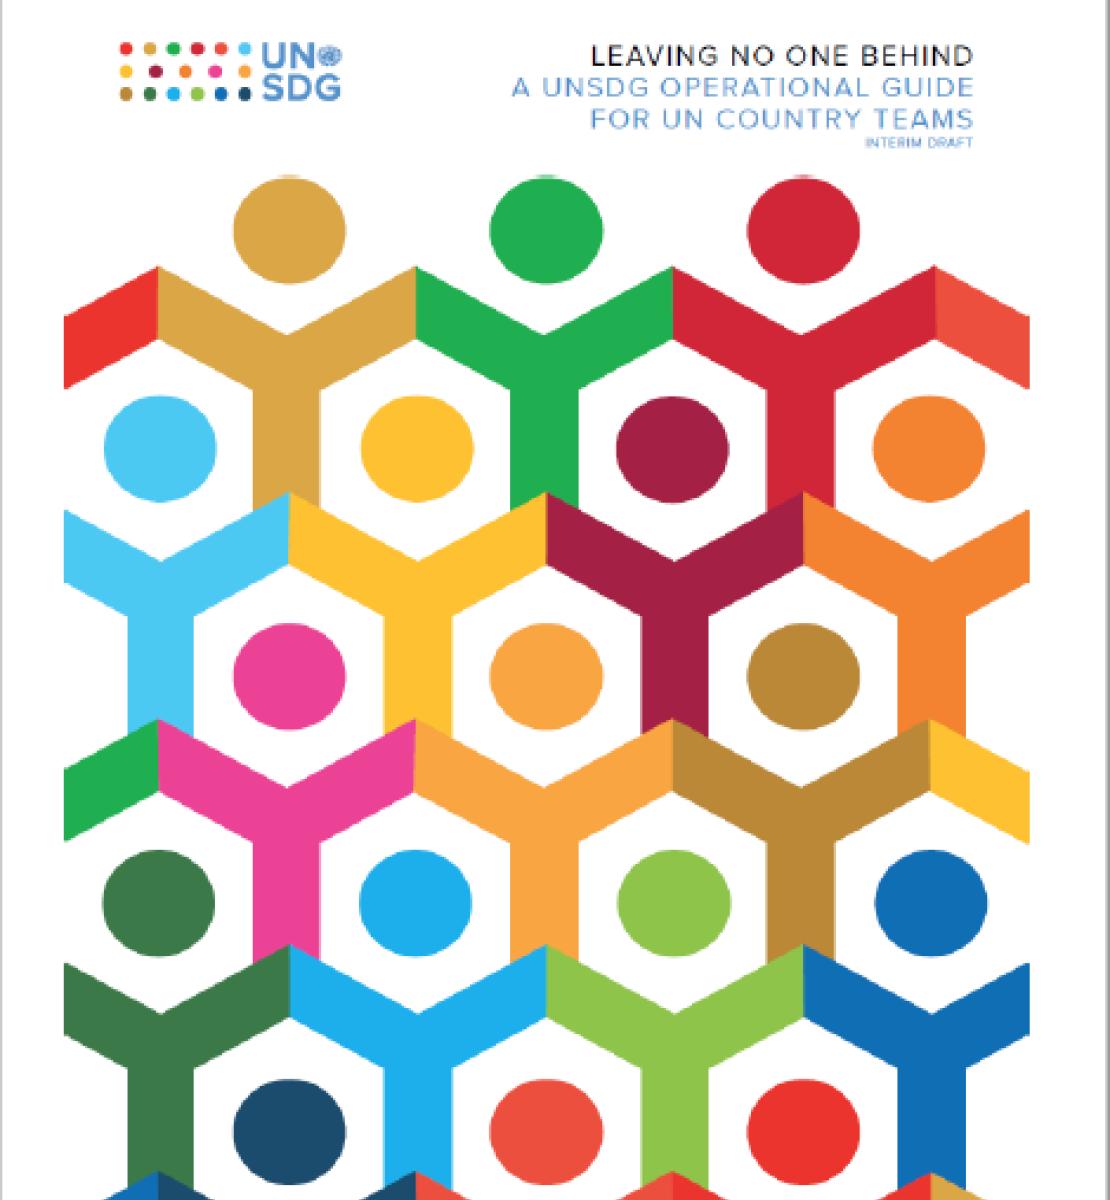 عدم ترك أي أحد خلف الركب: دليل تشغيلي لمجموعة الأمم المتحدة للتنمية المستدامة لاستخدامه من قبل فرق الأمم المتحدة القطرية (مسودة موقتة)